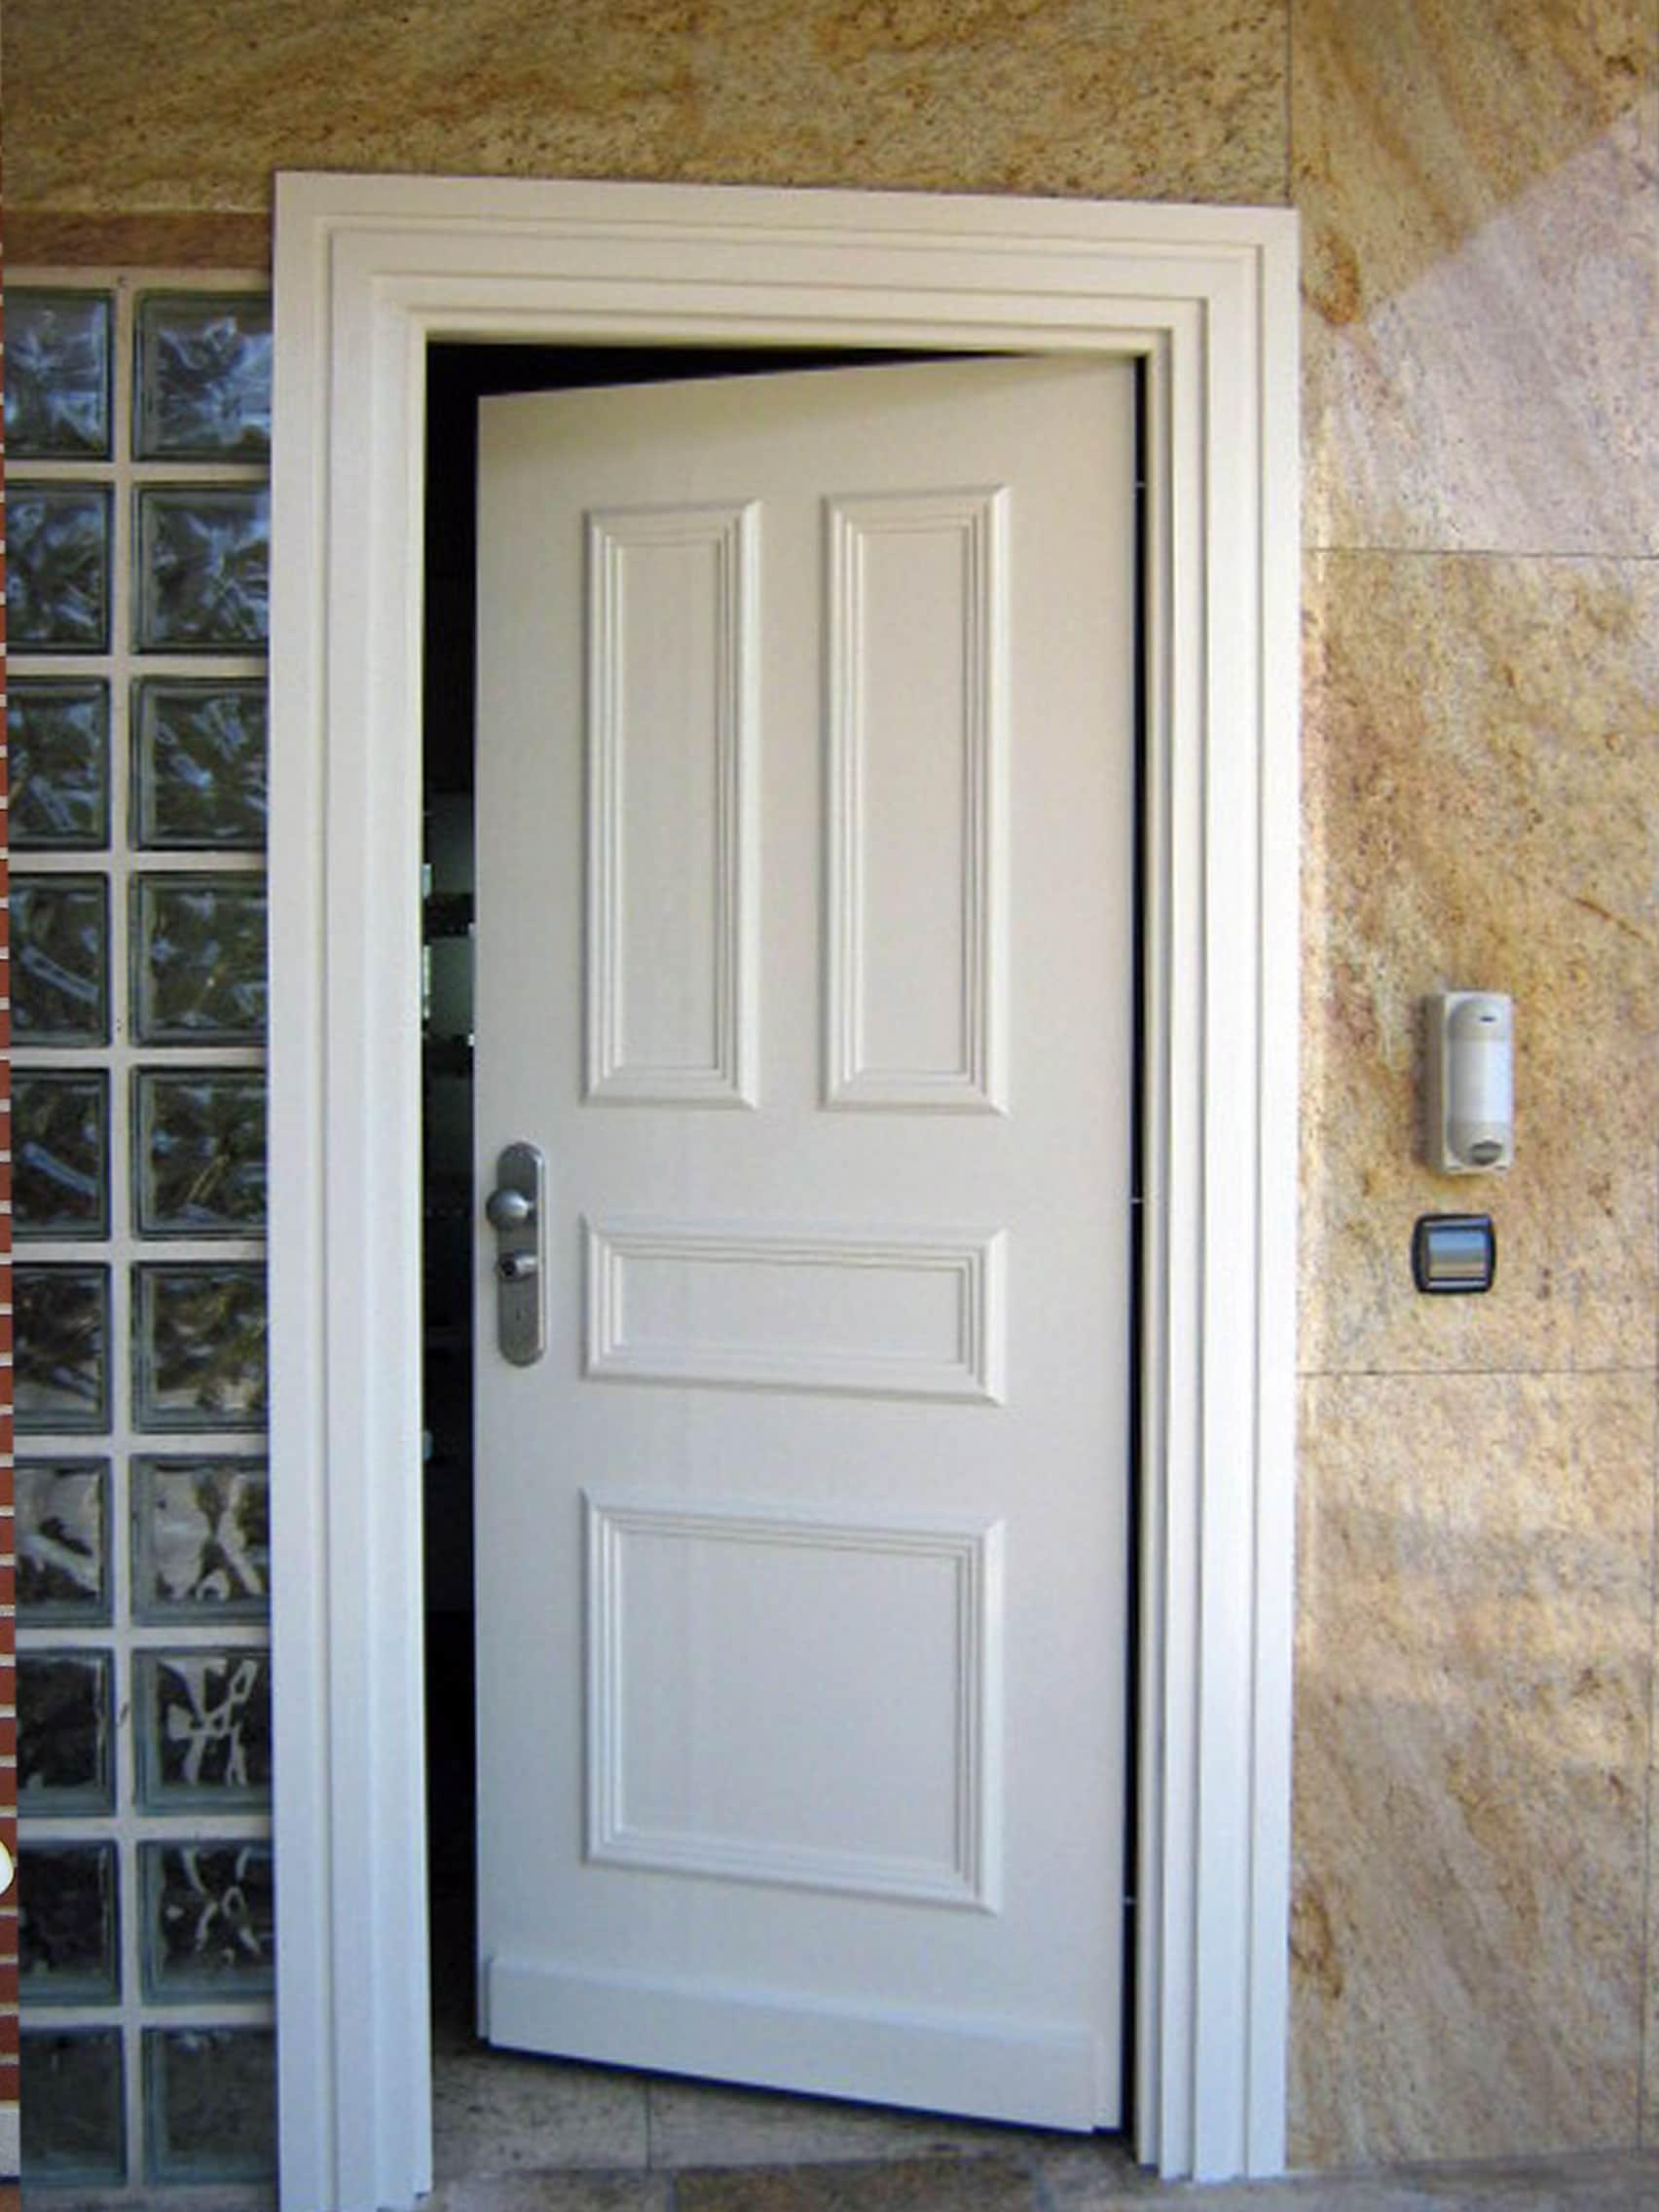 Cuanto cuesta una puerta acorazada latest puerta - Cuanto vale lacar una puerta ...